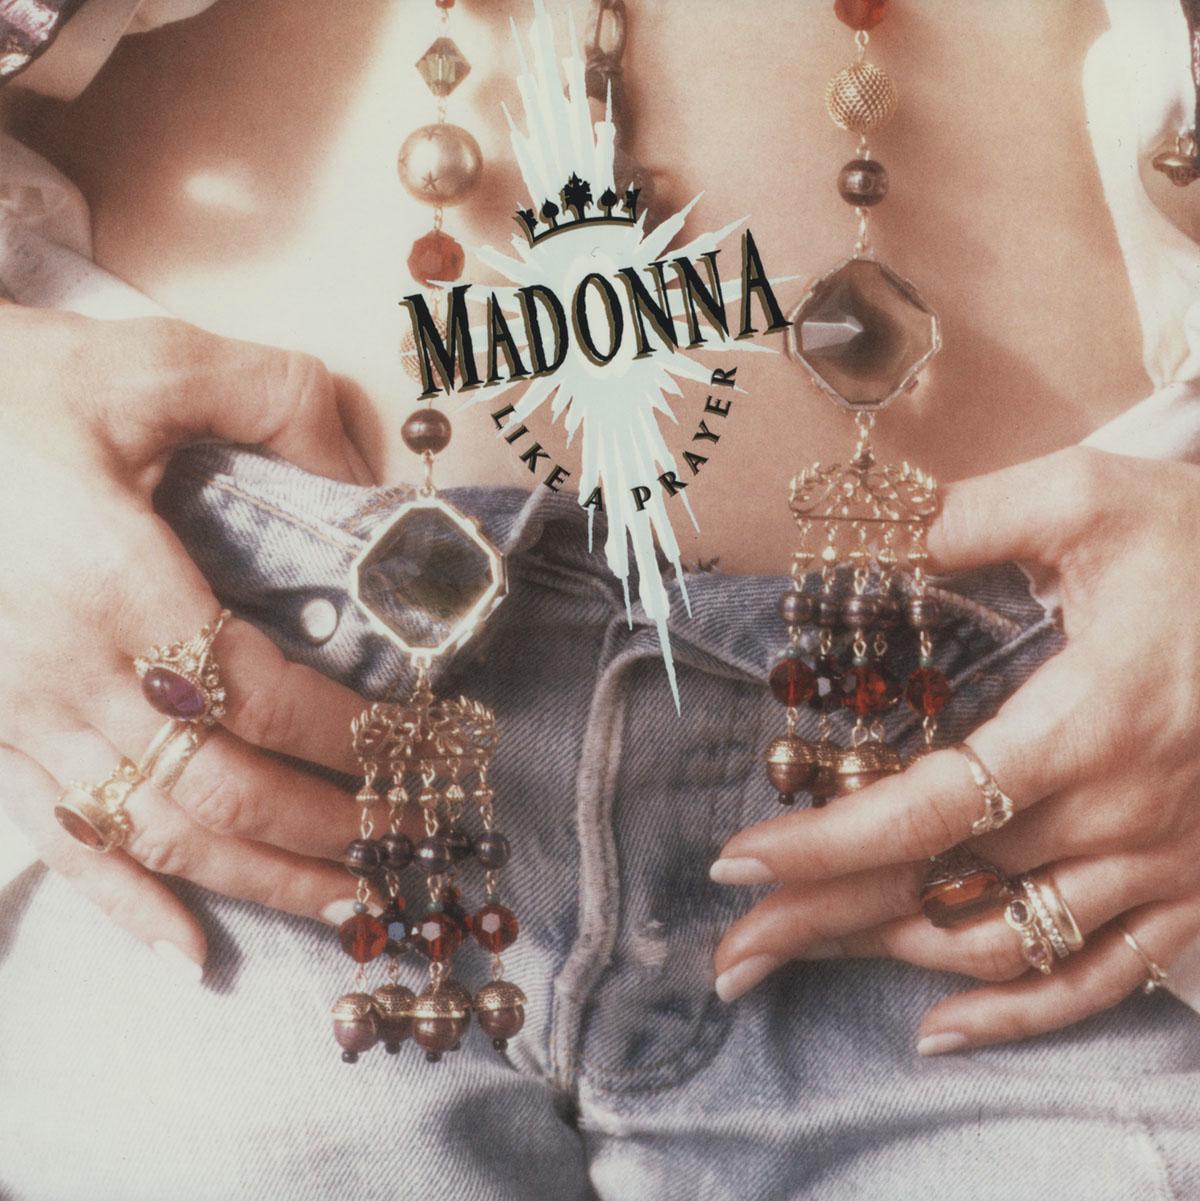 Madonna_Like a Prayer.jpg